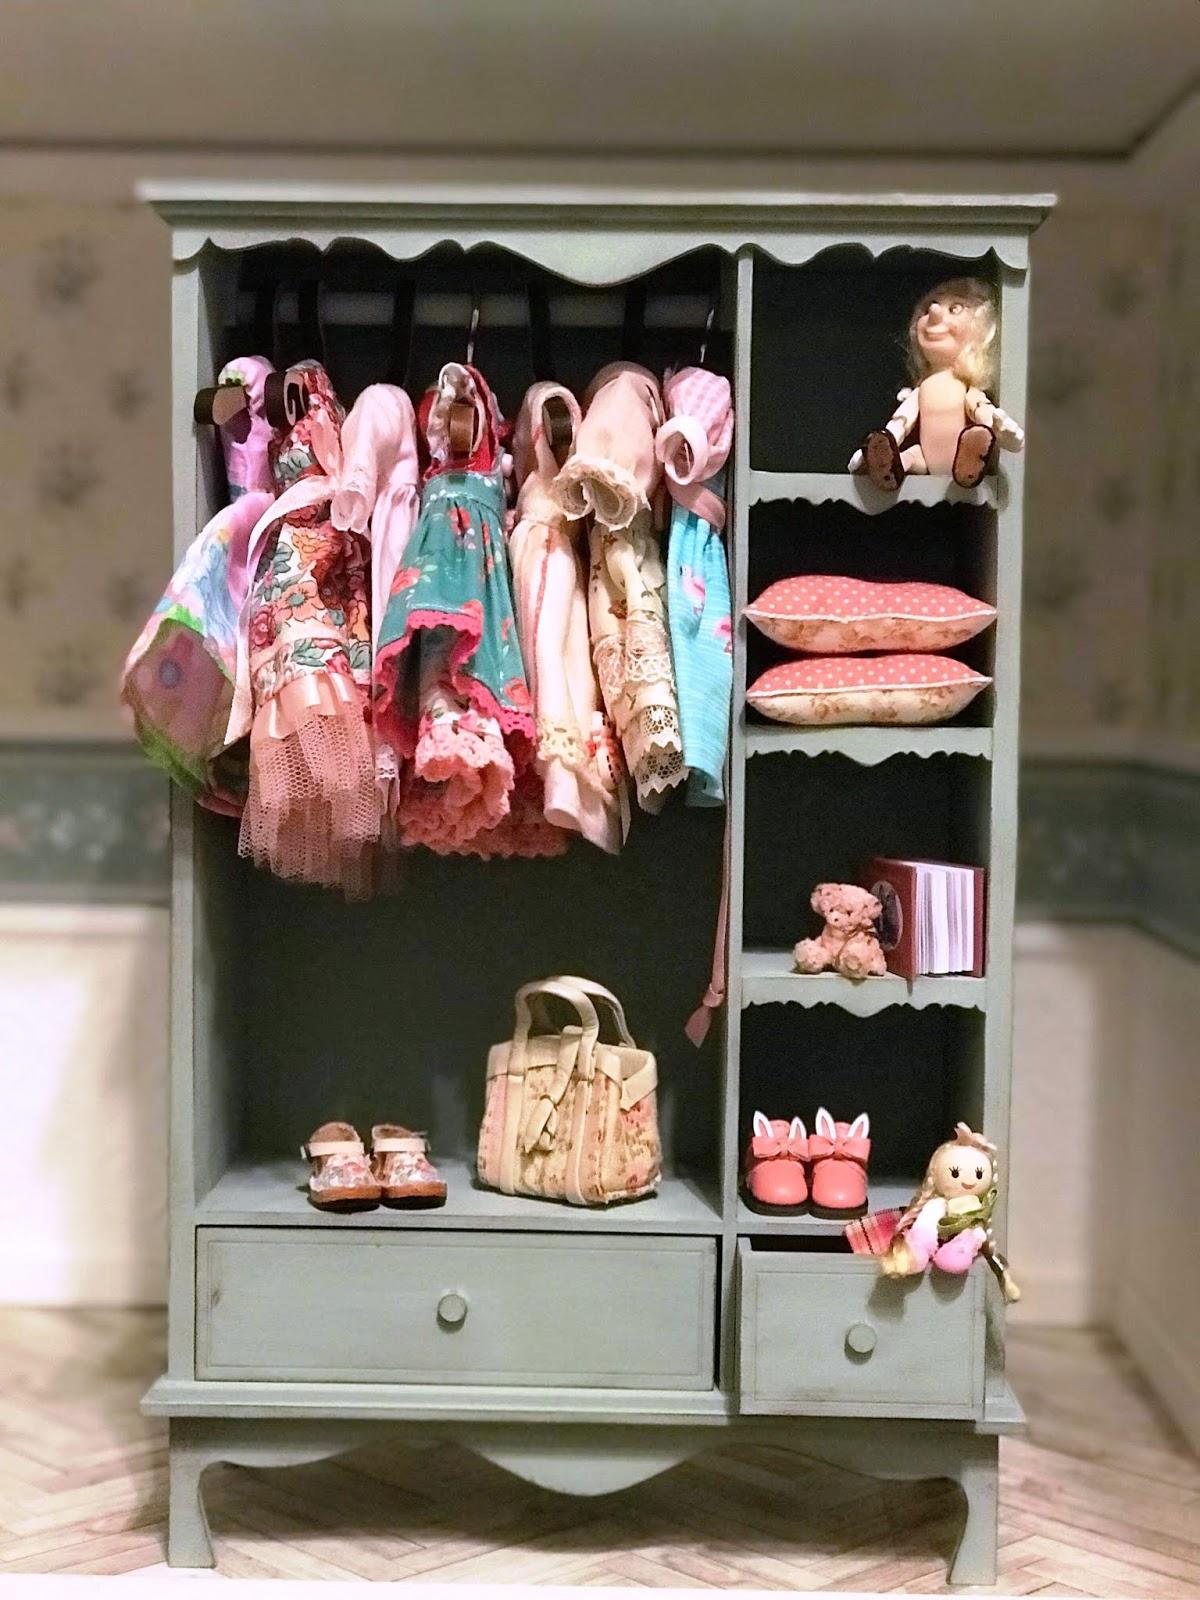 only for wardrobe Fashion royalty Barbie 1:6 scale Dolls furniture big Wardrobe